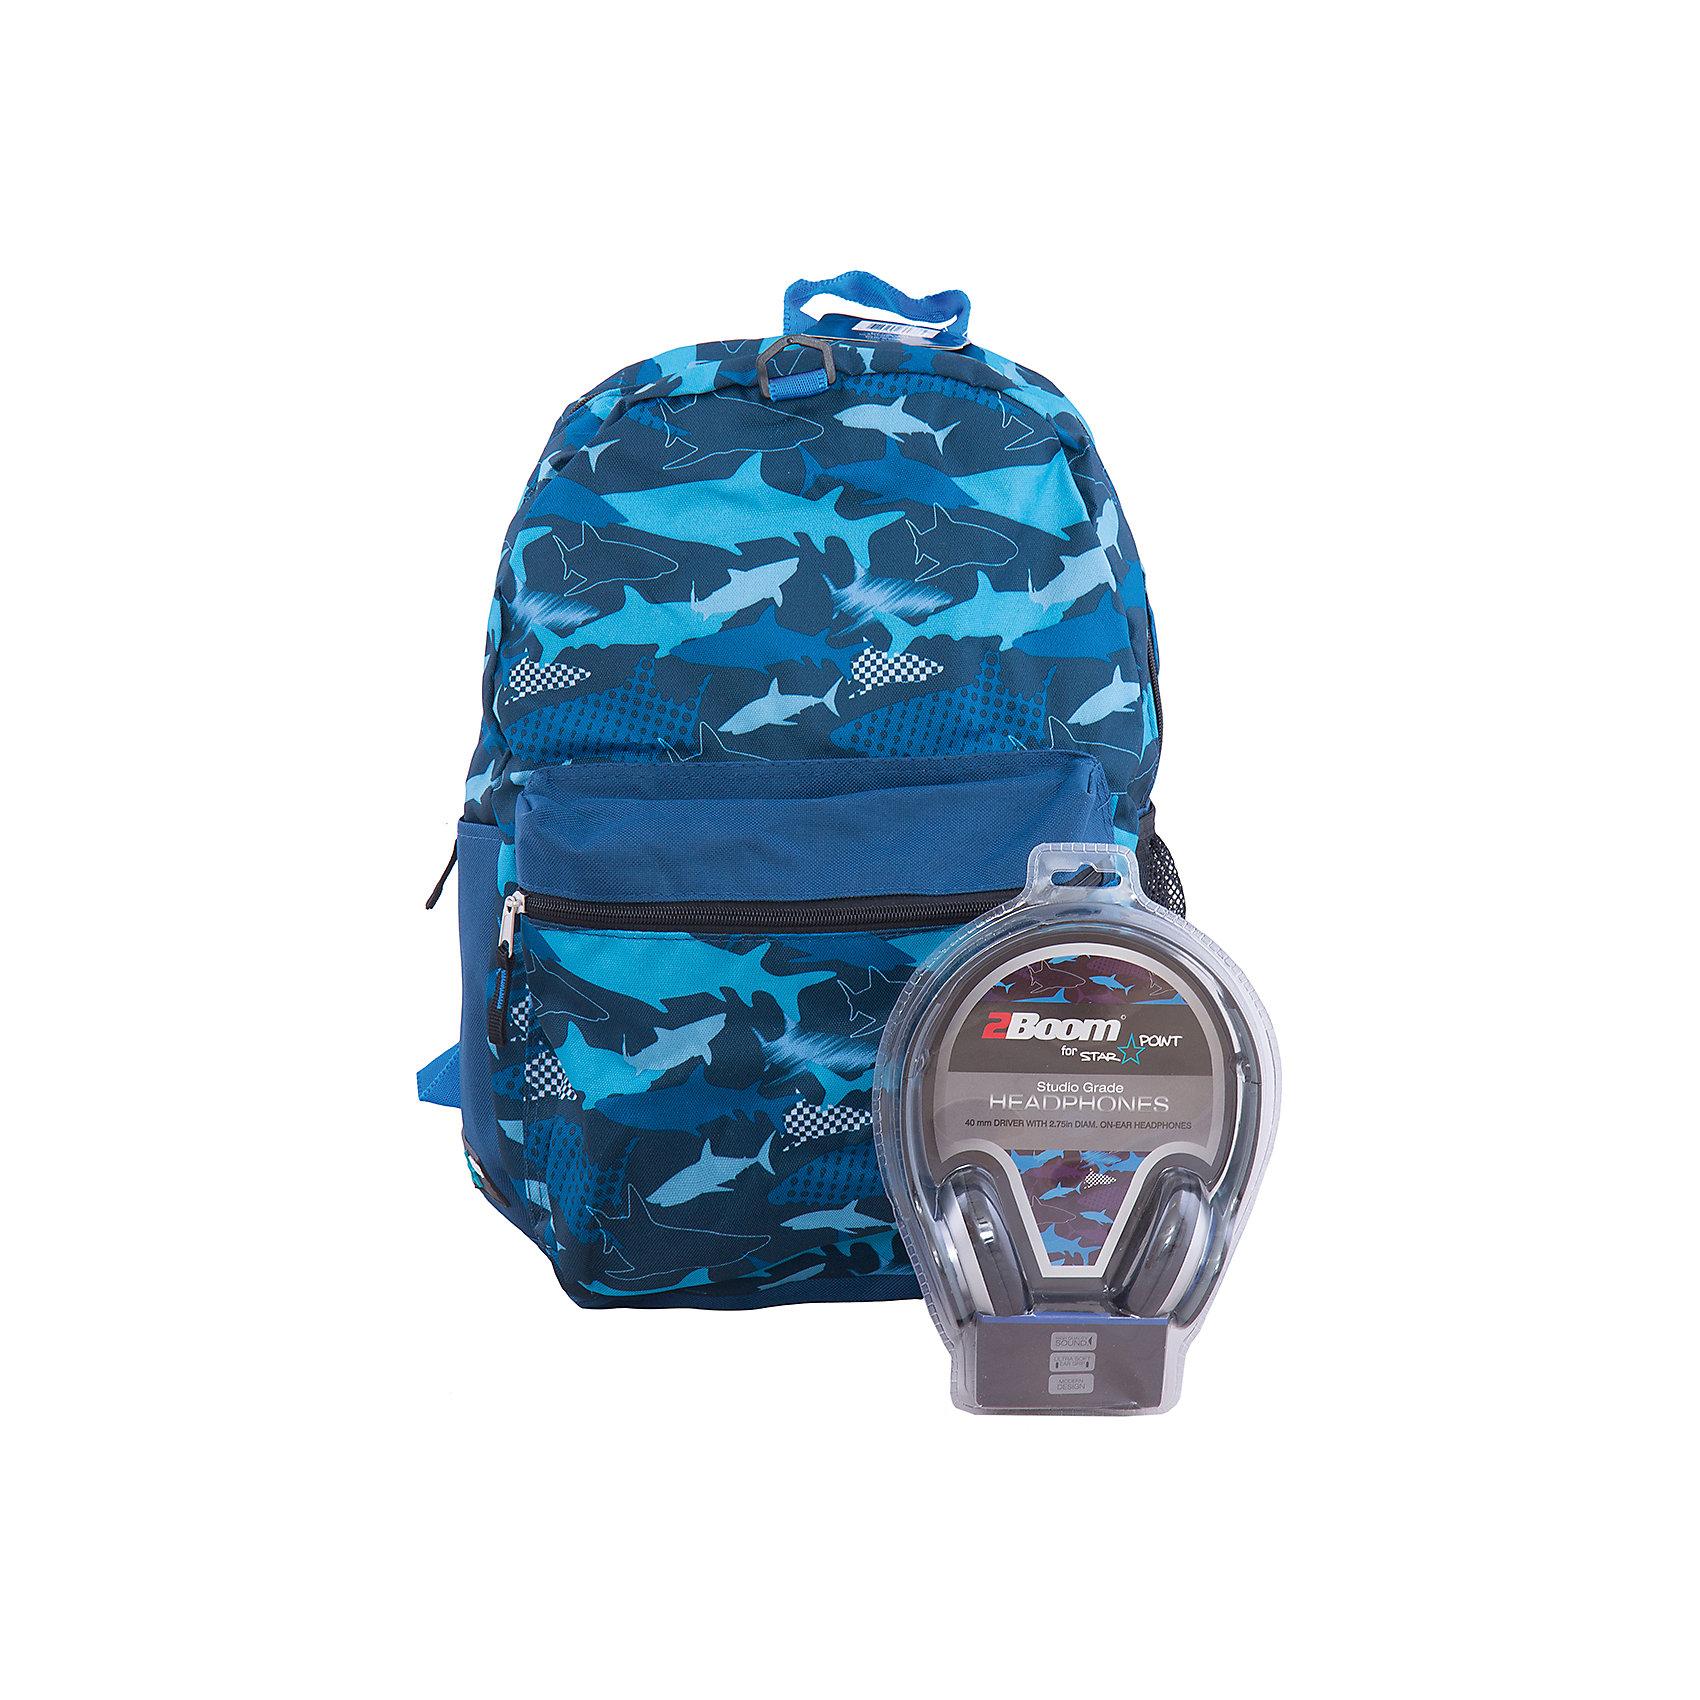 Рюкзак Sharks с наушниками, цвет синийРюкзаки<br>Универсальный рюкзак — для школы, спорта или просто для прогулки.<br>Мягкие регулируемые наплечные лямки.<br>Укрепленная спинка.<br><br>Ширина мм: 43<br>Глубина мм: 33<br>Высота мм: 16<br>Вес г: 700<br>Возраст от месяцев: 120<br>Возраст до месяцев: 420<br>Пол: Унисекс<br>Возраст: Детский<br>SKU: 5344339